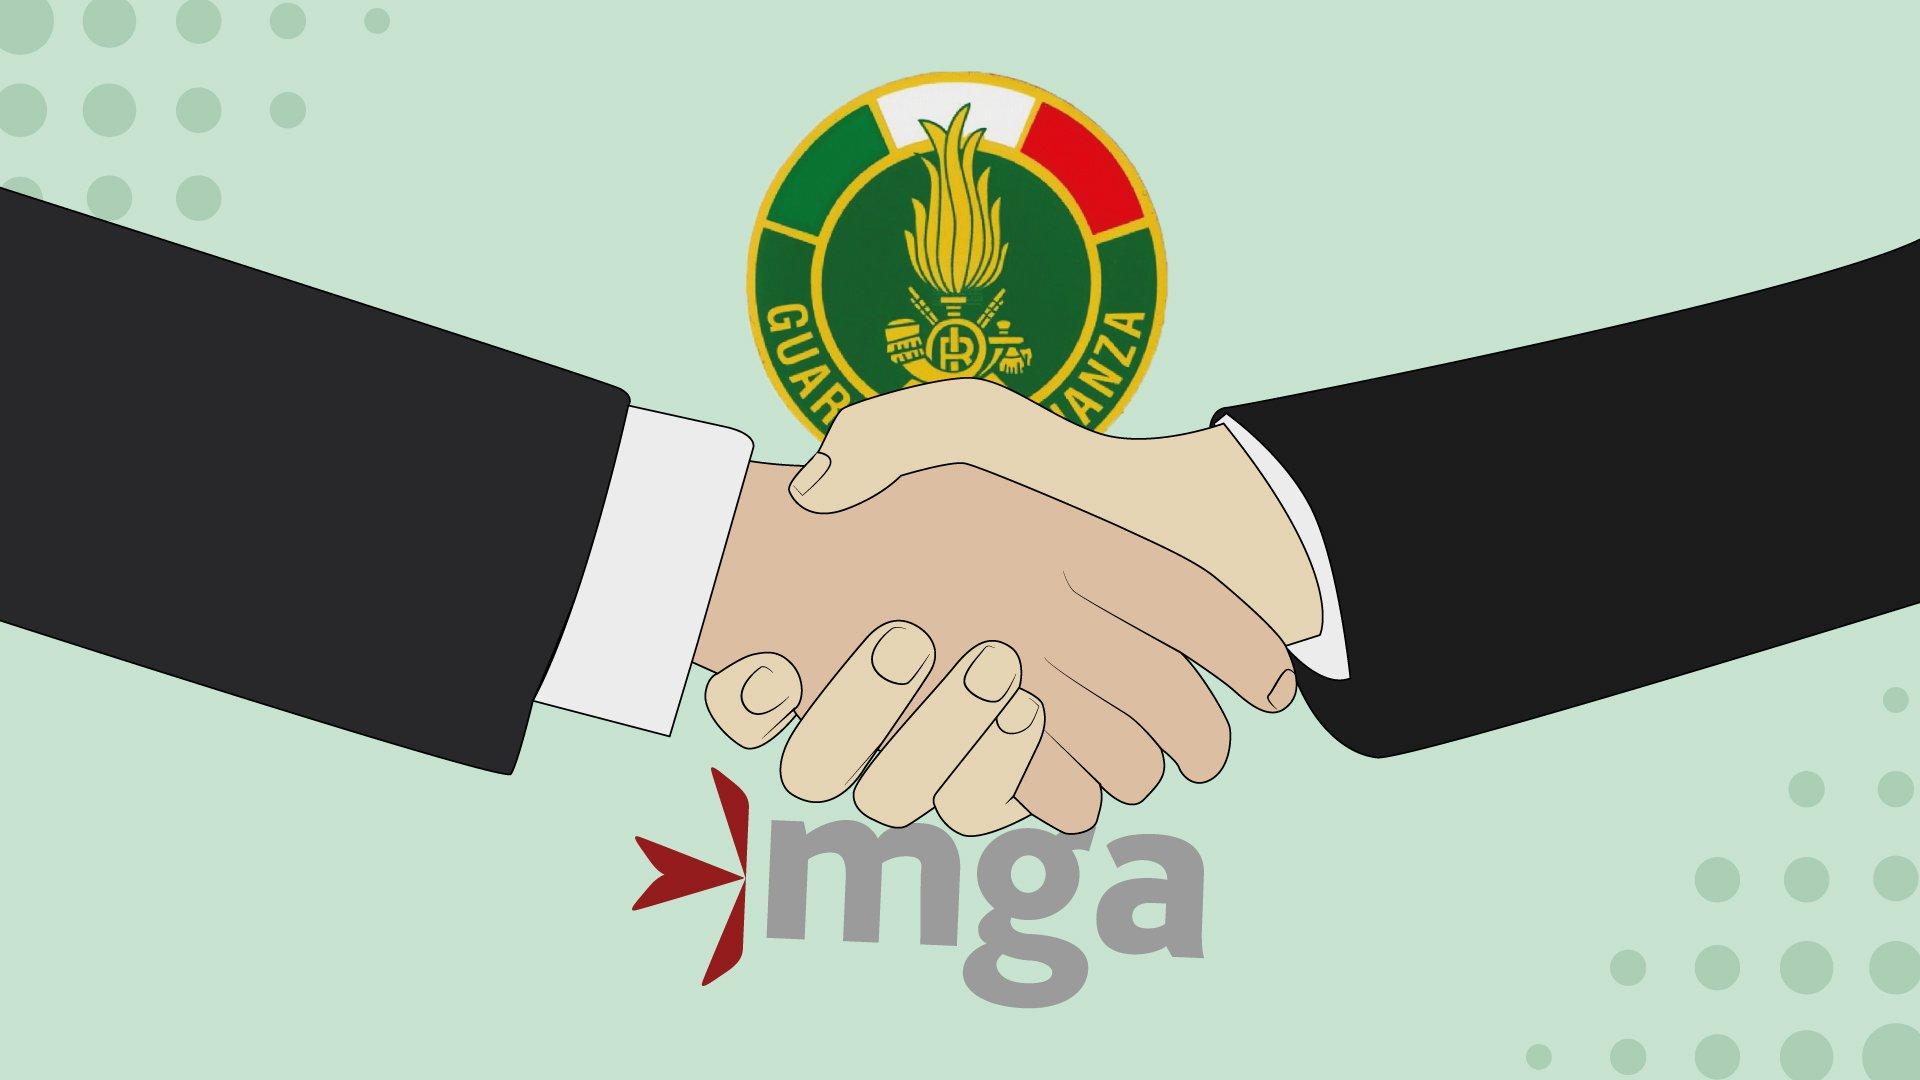 MGA yhdistää voimansa Italian kanssa